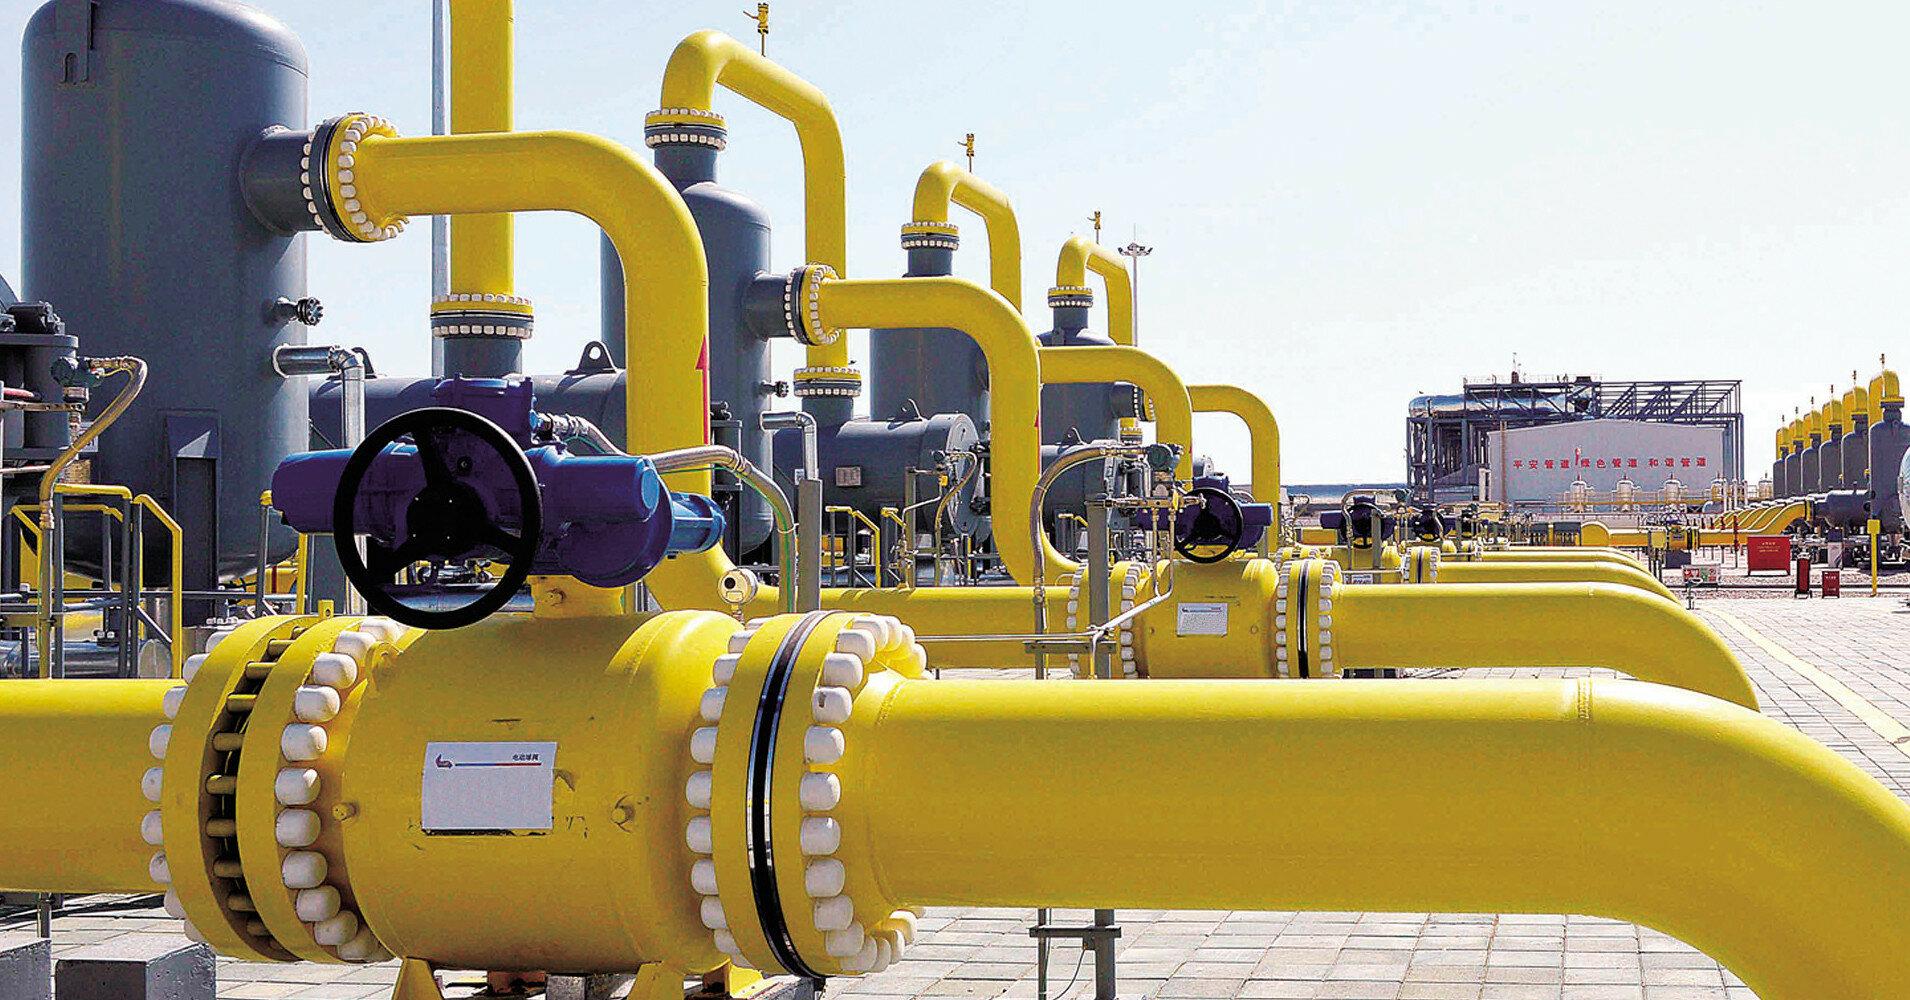 В Европе впервые зафиксировали сокращение запасов газа в хранилищах